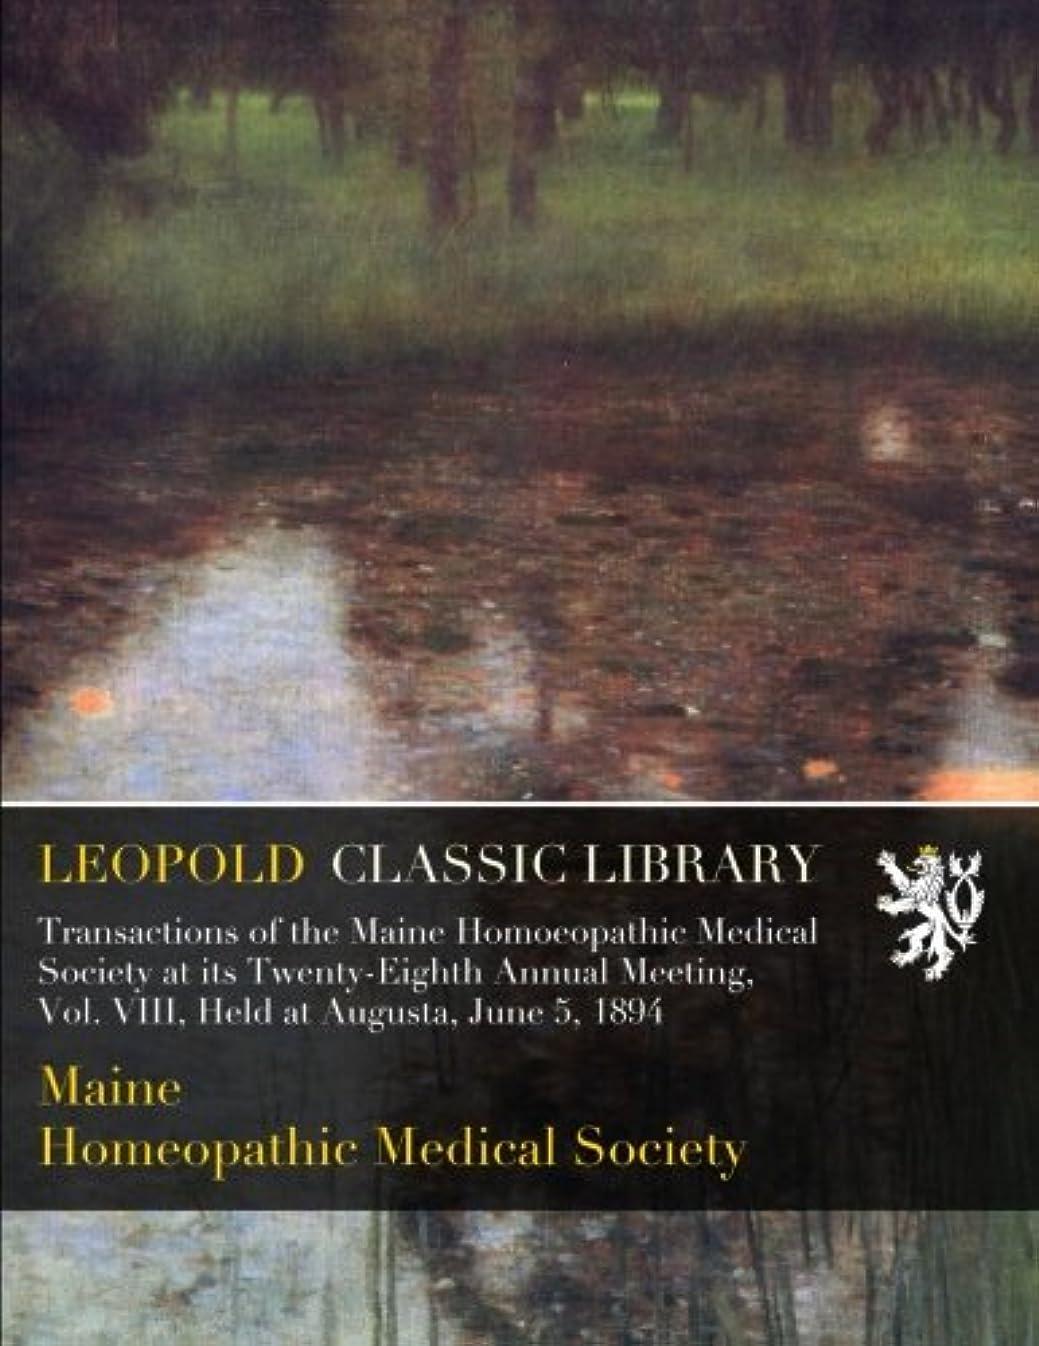 助けて突撃自由Transactions of the Maine Homoeopathic Medical Society at its Twenty-Eighth Annual Meeting, Vol. VIII, Held at Augusta, June 5, 1894